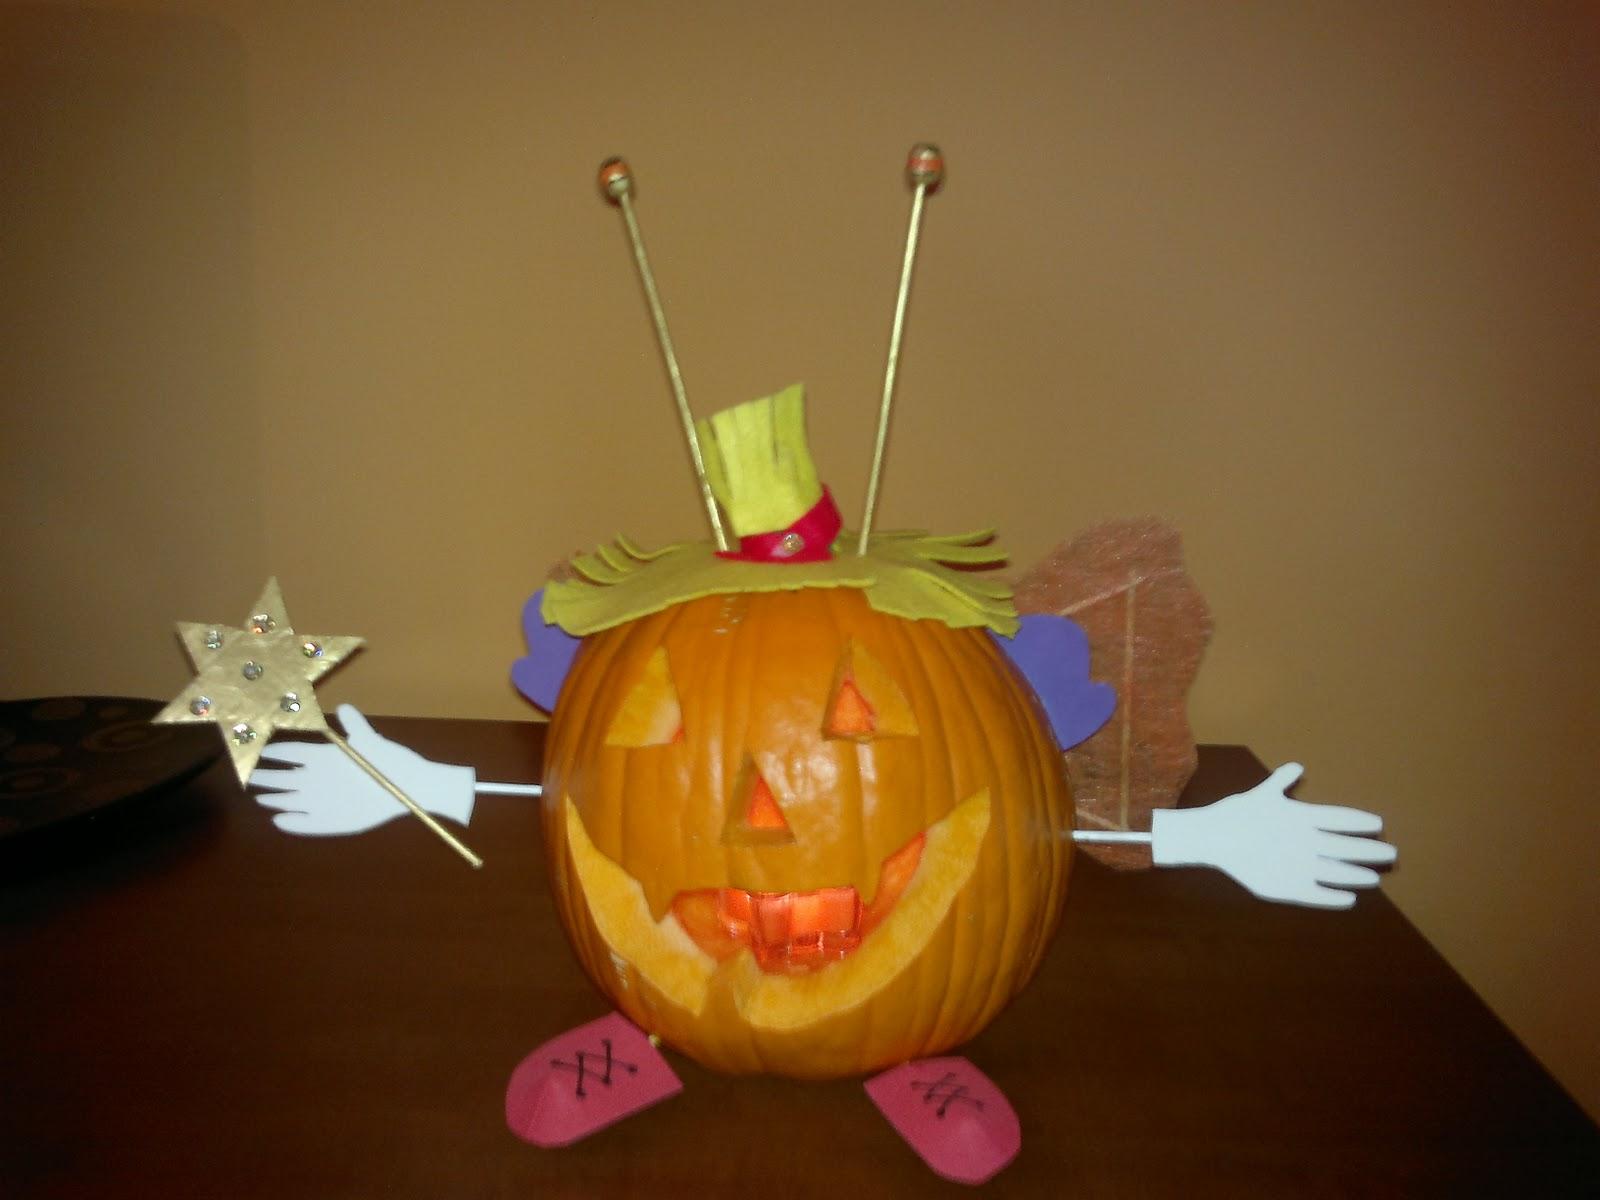 Manualidades mariavril calabaza decorada para hallowen - Manualidades de calabazas ...